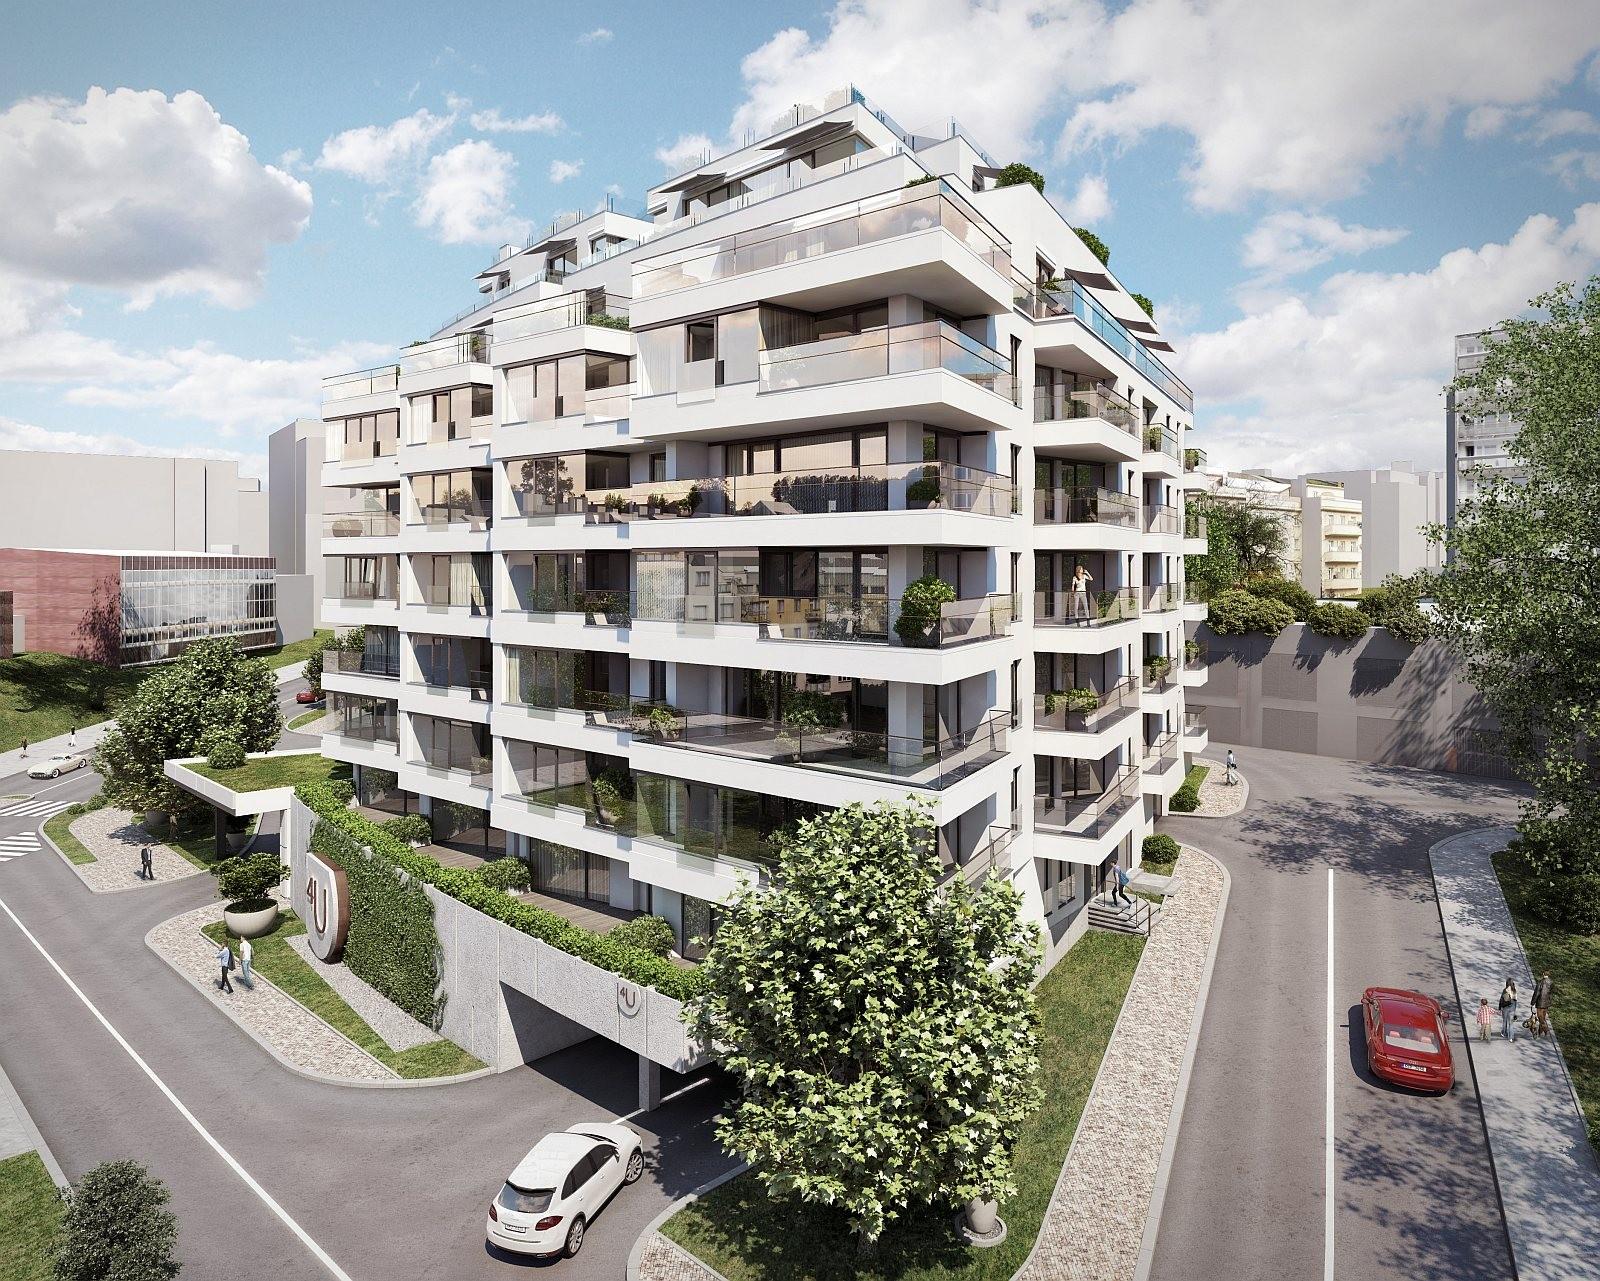 Realitní kancelář Praha, prodej a pronájmy nemovitostí, prodej nových bytů a rodinných domů